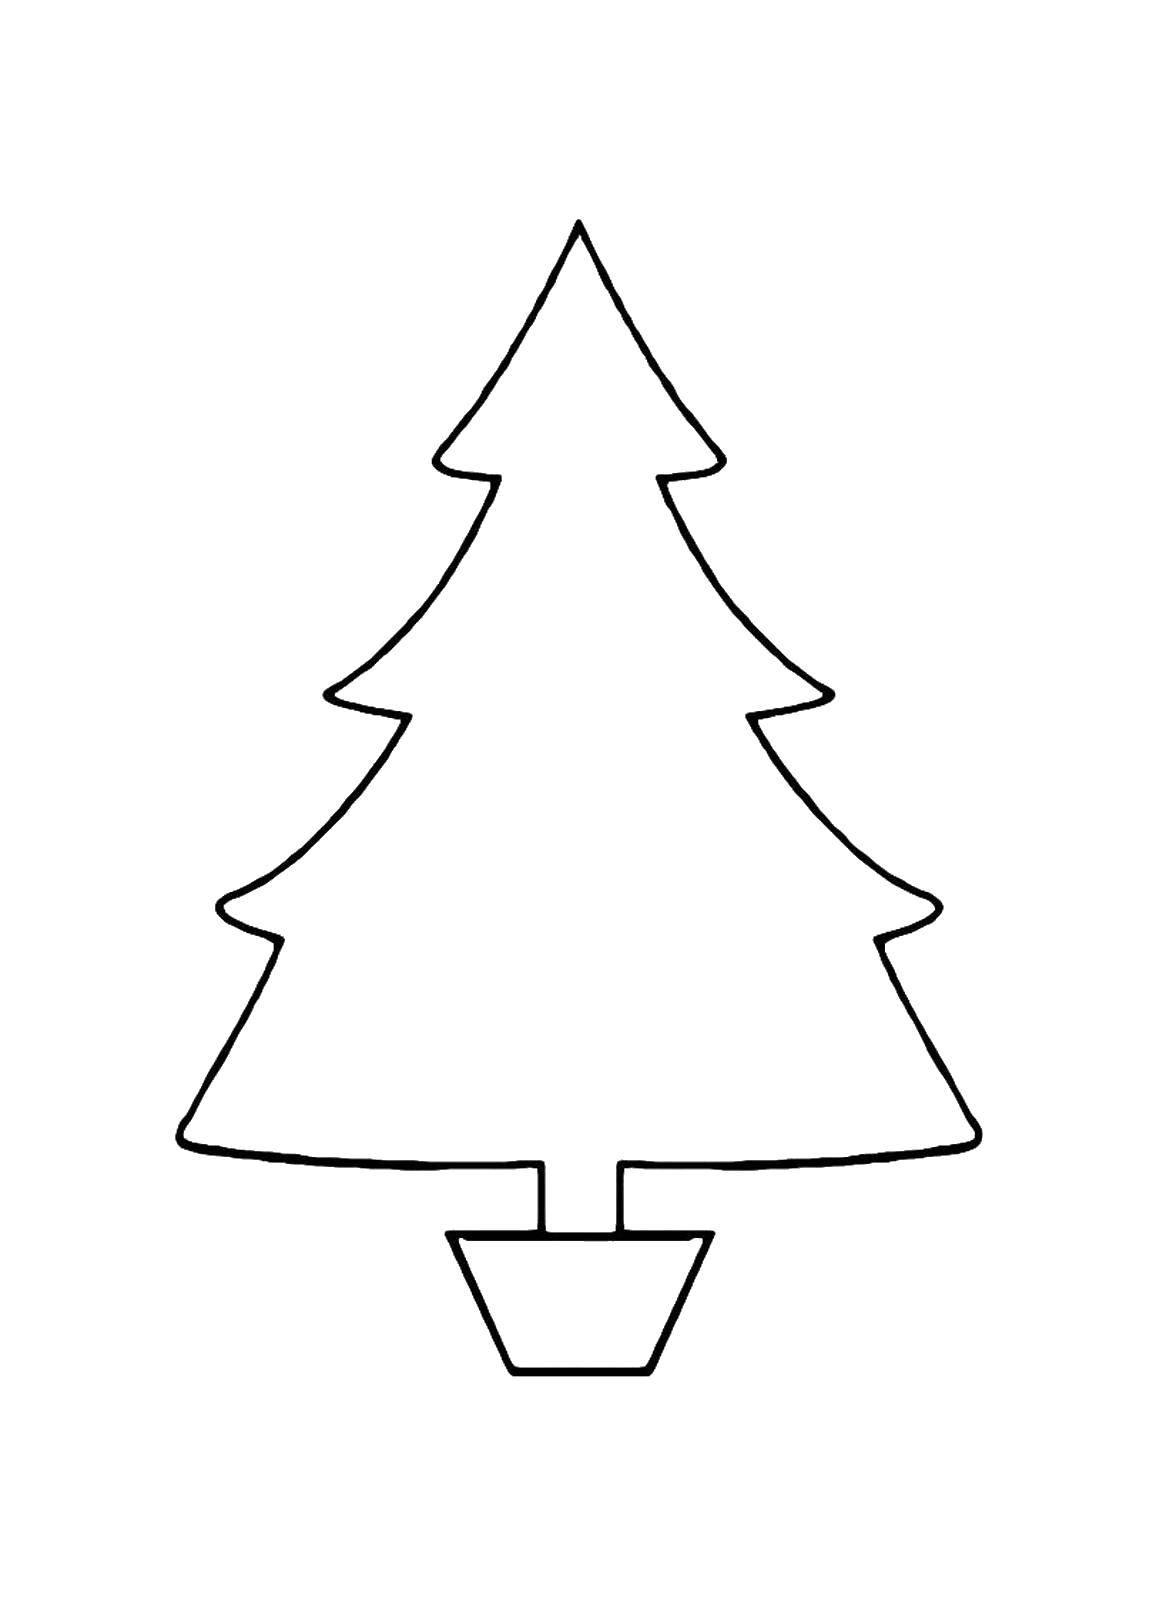 Раскраска Ёлочка на новый год Скачать Новый Год, ёлка, подарки, игрушки.  Распечатать ,простые раскраски,